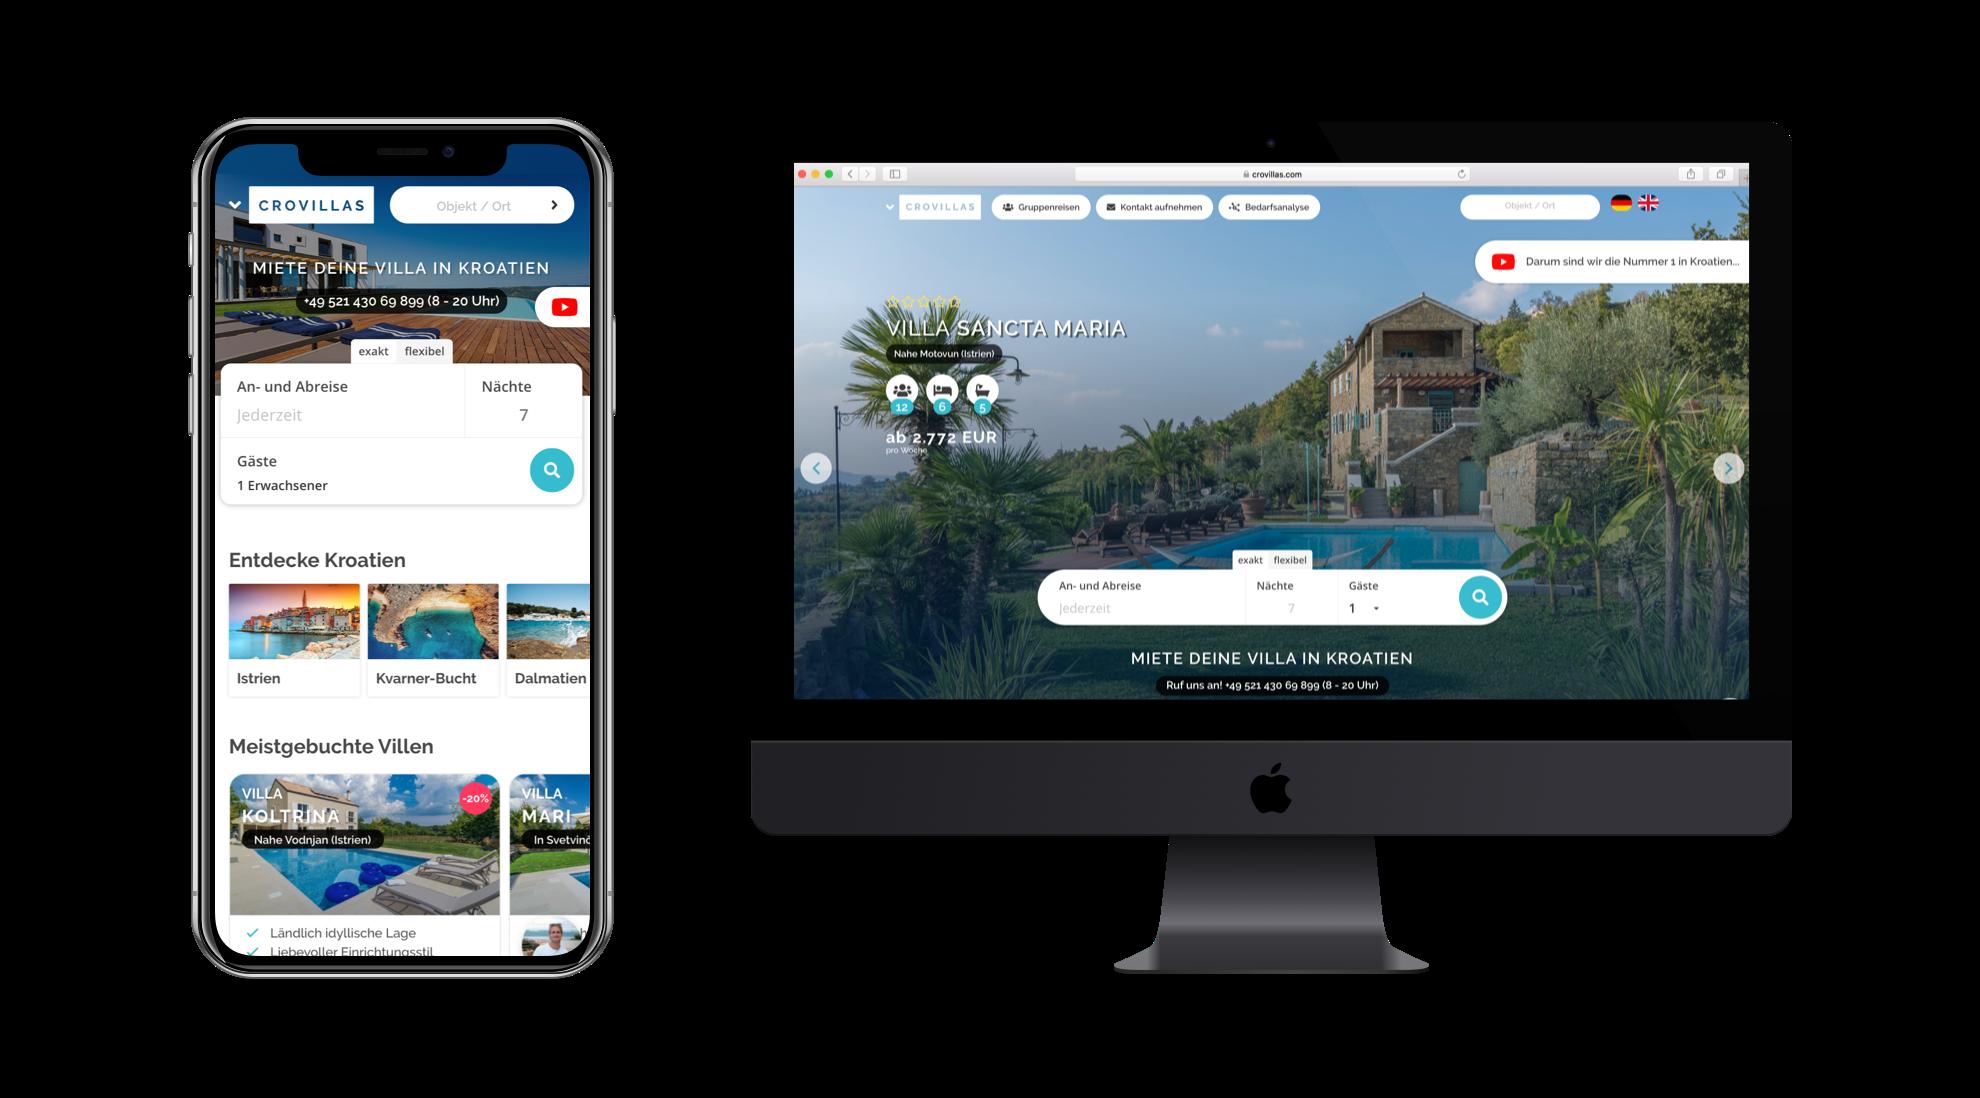 Überzeugt? - Buche jetzt deine Urlaubsvilla in Kroatien bei Deutschlands #1✔ Mehr als 250 persönlich geprüfte Objekte✔ 99% Kundenzufriedenheit mit über 13.000 Urlaubern✔ 24 Stunden persönliche Live-Beratung mit Kroatien-Experten